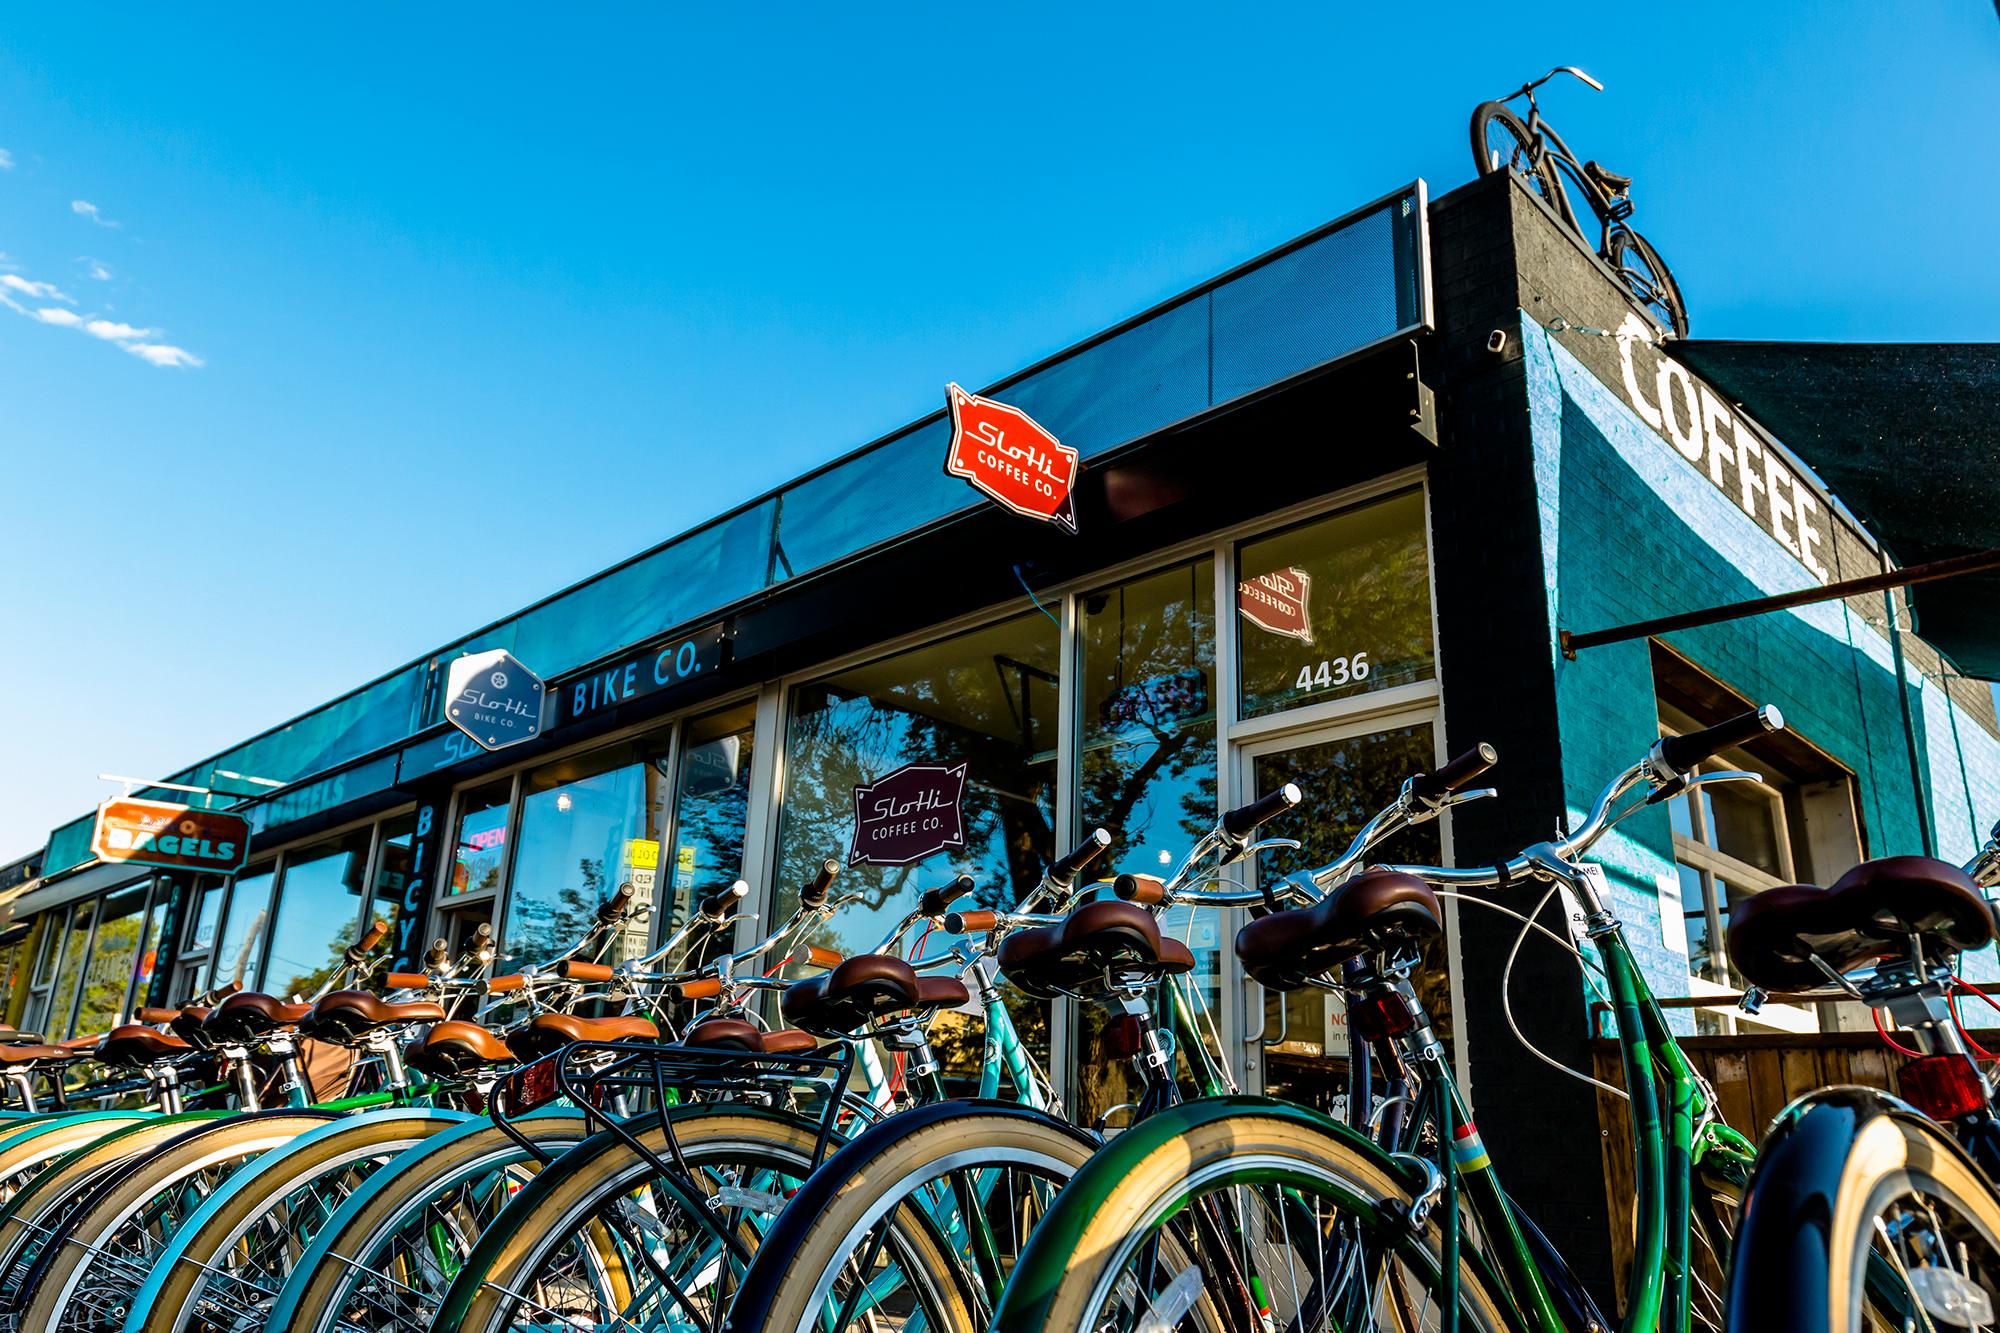 SloHi Coffee + Bike Co.